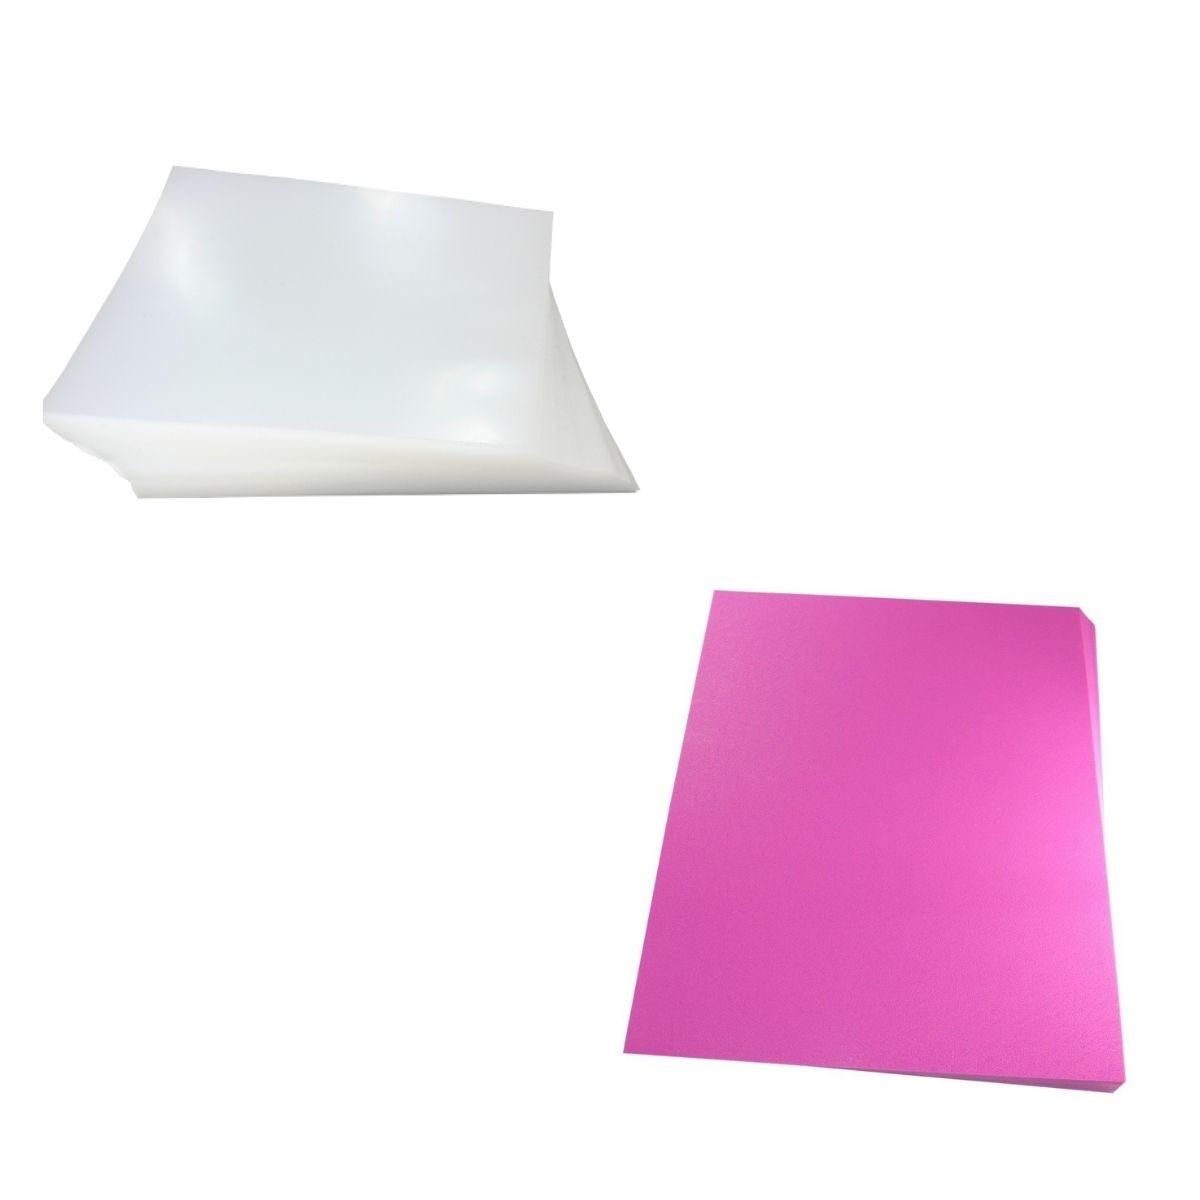 Kit 200 Capas para Encadernação A4 - Cristal Line (Frente) e Rosa Couro (Fundo)  - Click Suprimentos